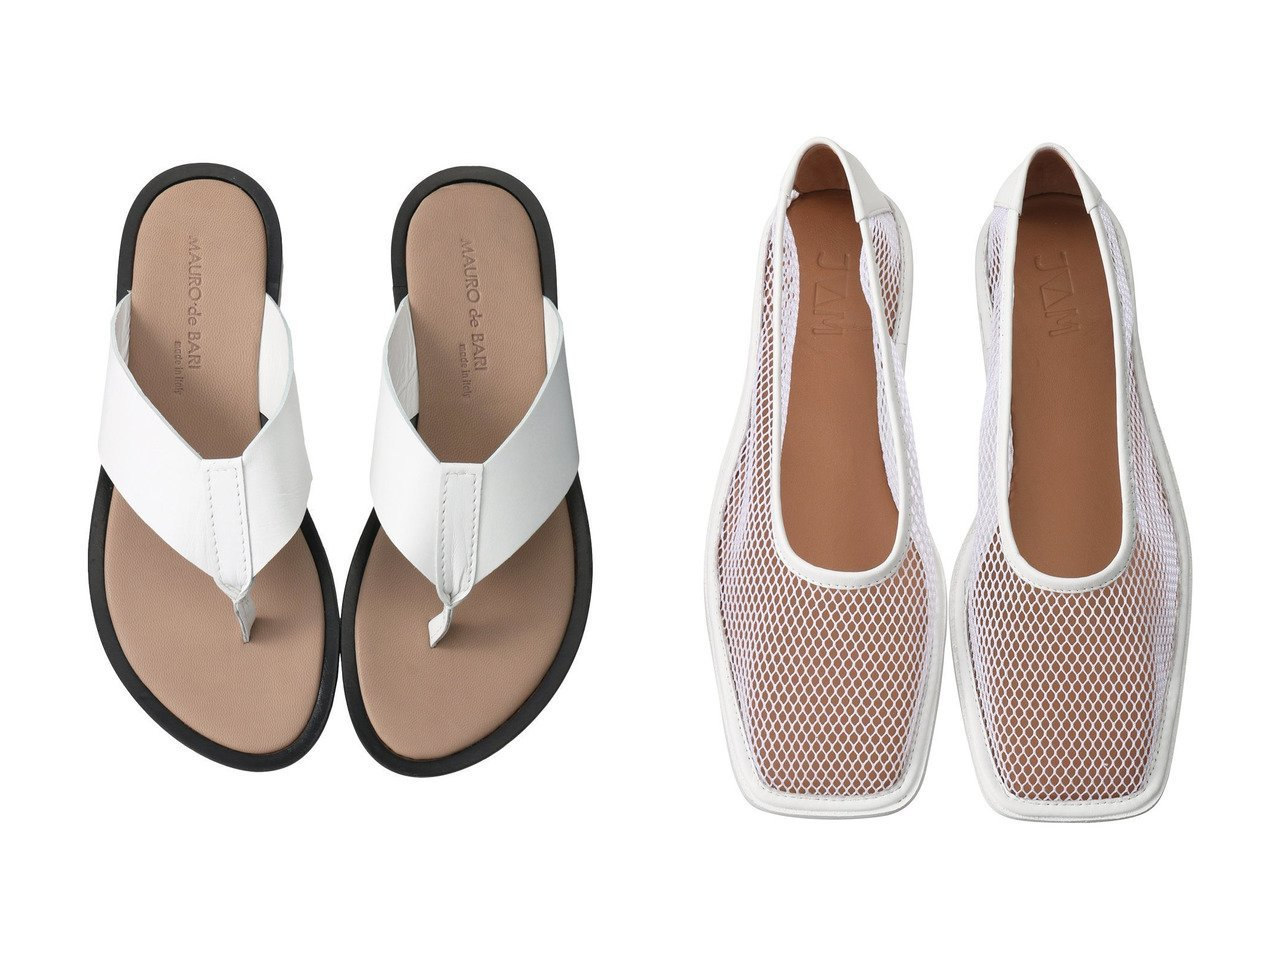 【JVAM/ジェーヴィエーエム】のSALAI スクエアトゥメッシュフラットシューズ&【MAURO de BARI/マウロ デ バーリ】のトングサンダル 【シューズ・靴】おすすめ!人気、トレンド・レディースファッションの通販 おすすめで人気の流行・トレンド、ファッションの通販商品 メンズファッション・キッズファッション・インテリア・家具・レディースファッション・服の通販 founy(ファニー) https://founy.com/ ファッション Fashion レディースファッション WOMEN シューズ フラット メッシュ リゾート 今季 サンダル トレンド マキシ |ID:crp329100000036720